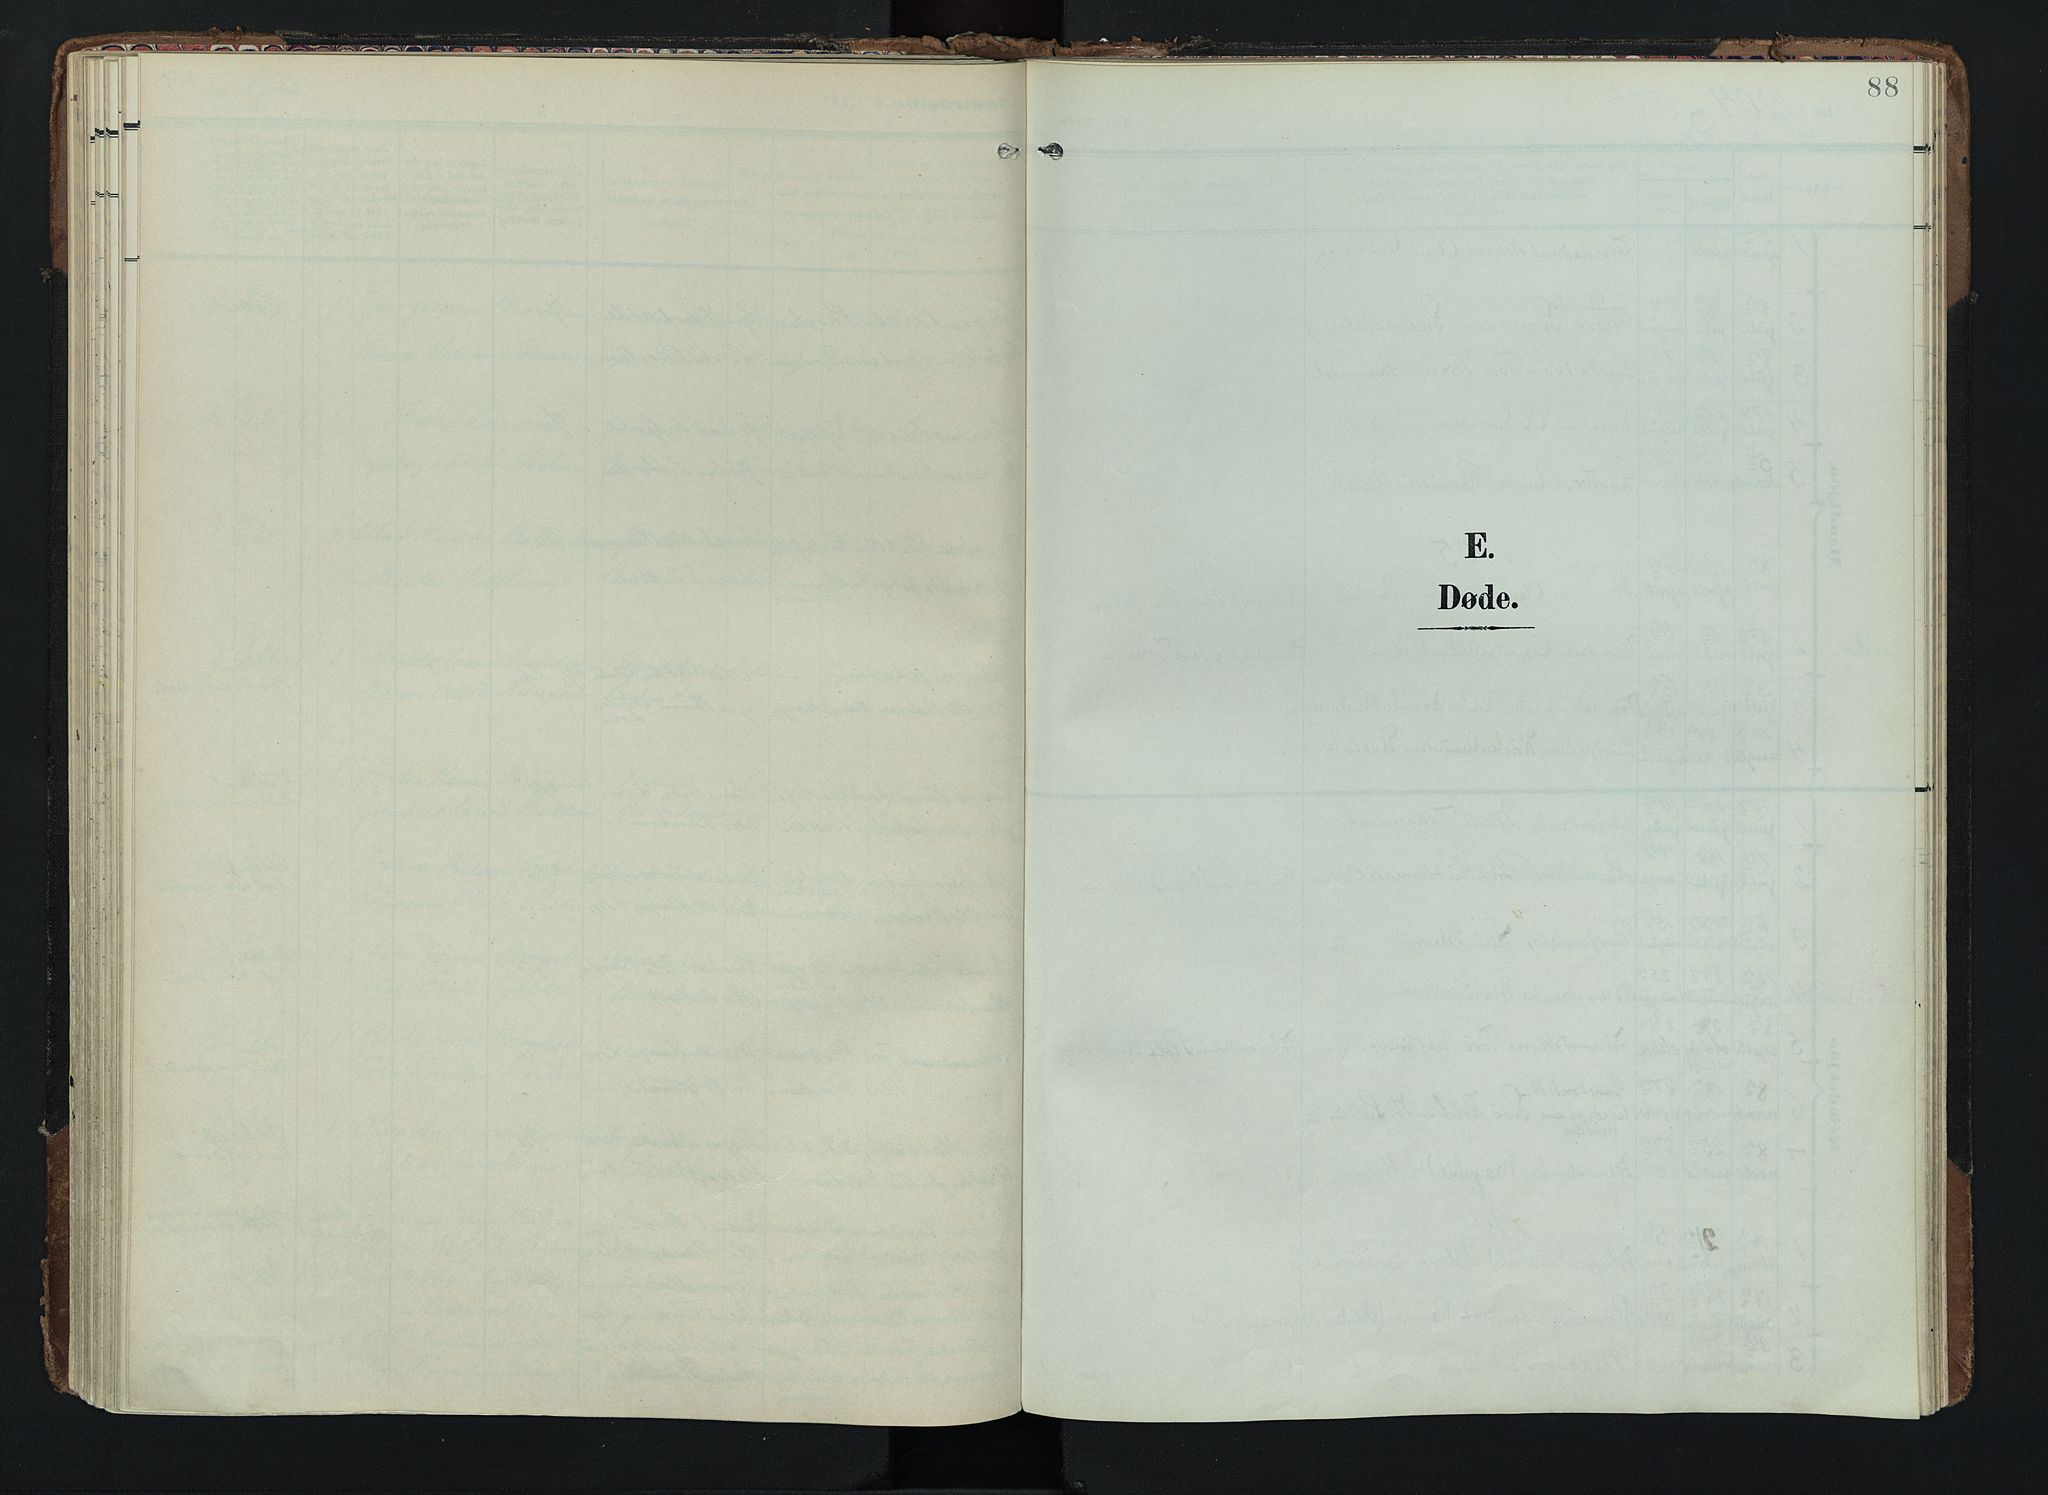 SAH, Lom prestekontor, K/L0012: Ministerialbok nr. 12, 1904-1928, s. 88